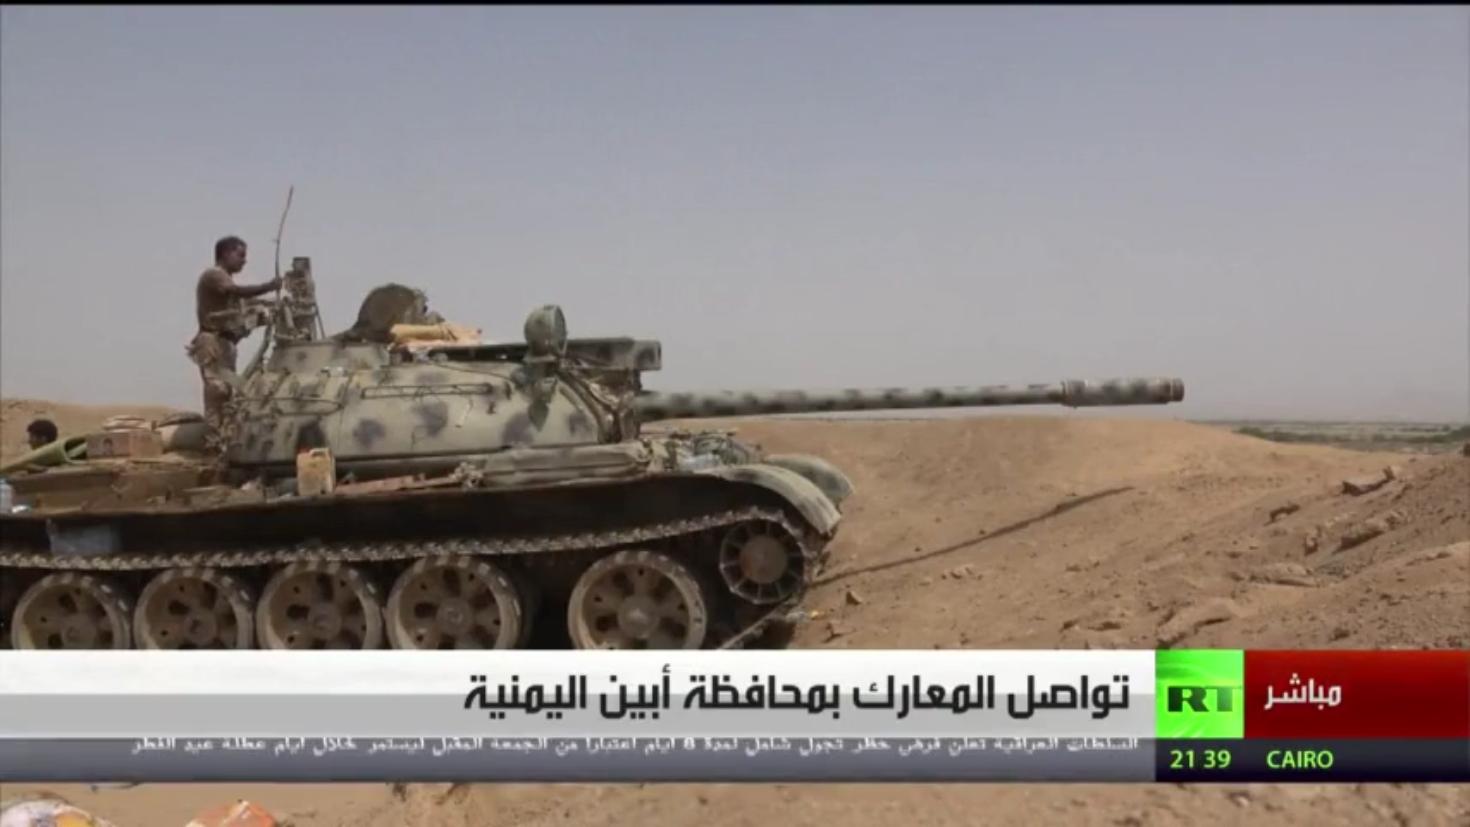 تواصل المعارك بمحافظة أبين اليمنية